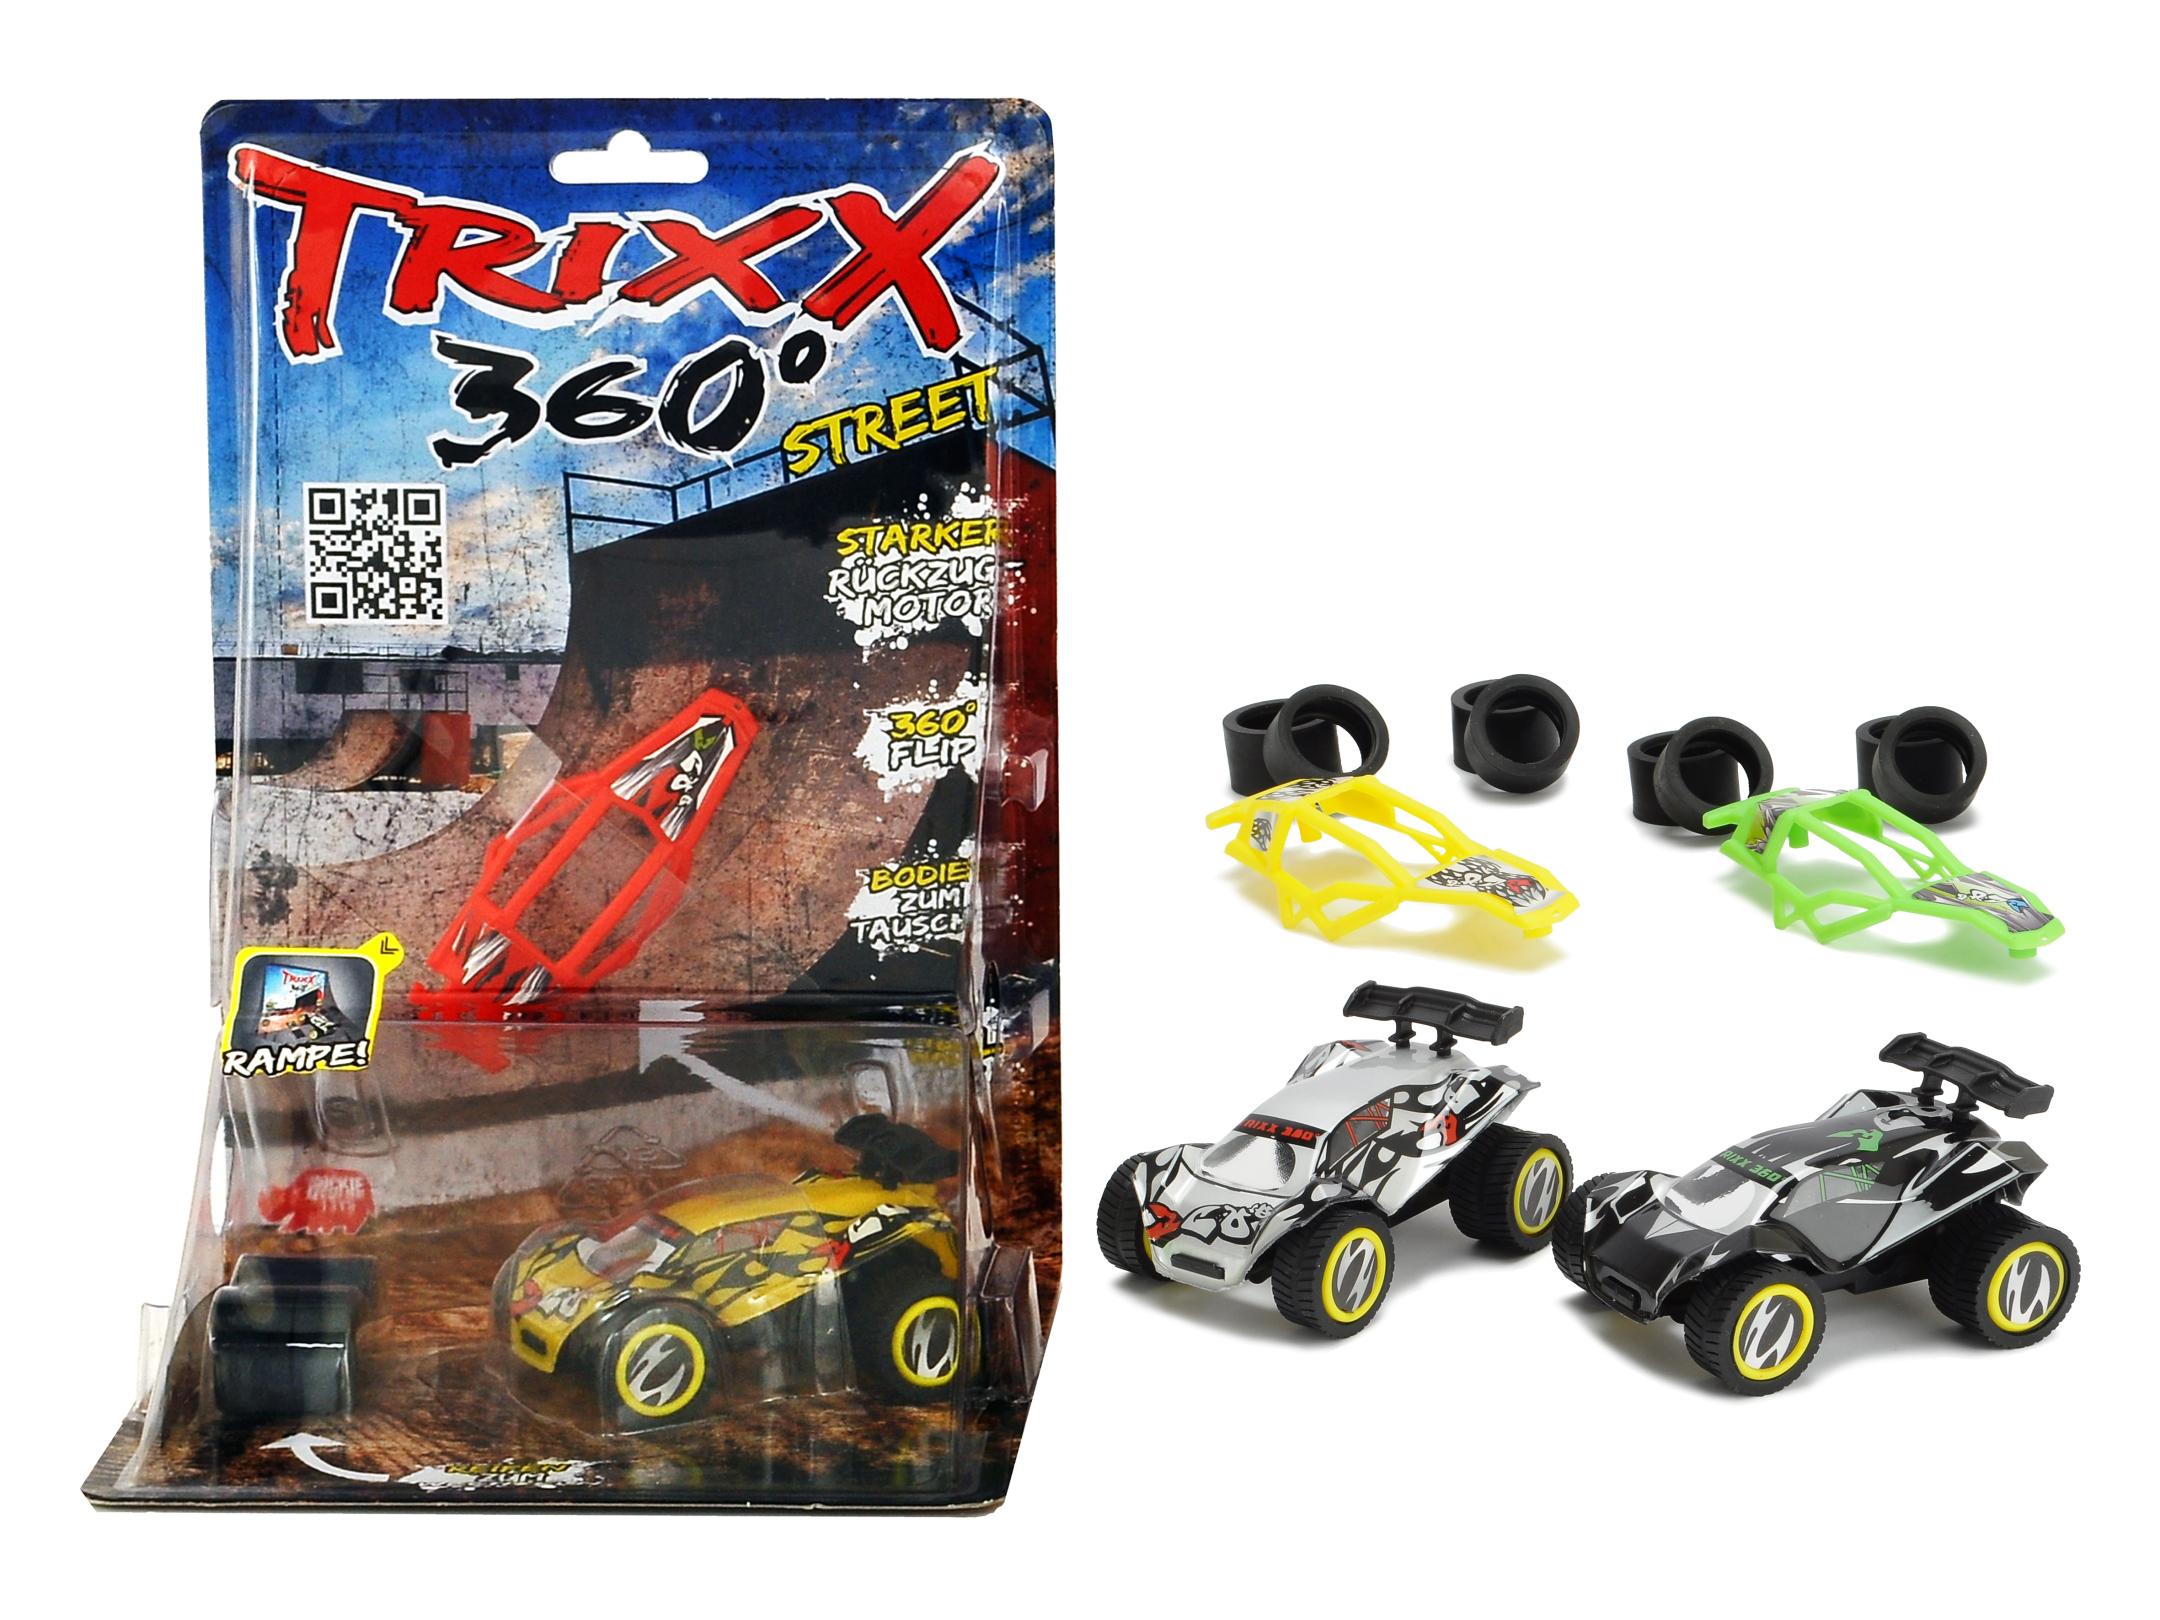 TRXX03 Trixx 360 - Double Ramp 3fs